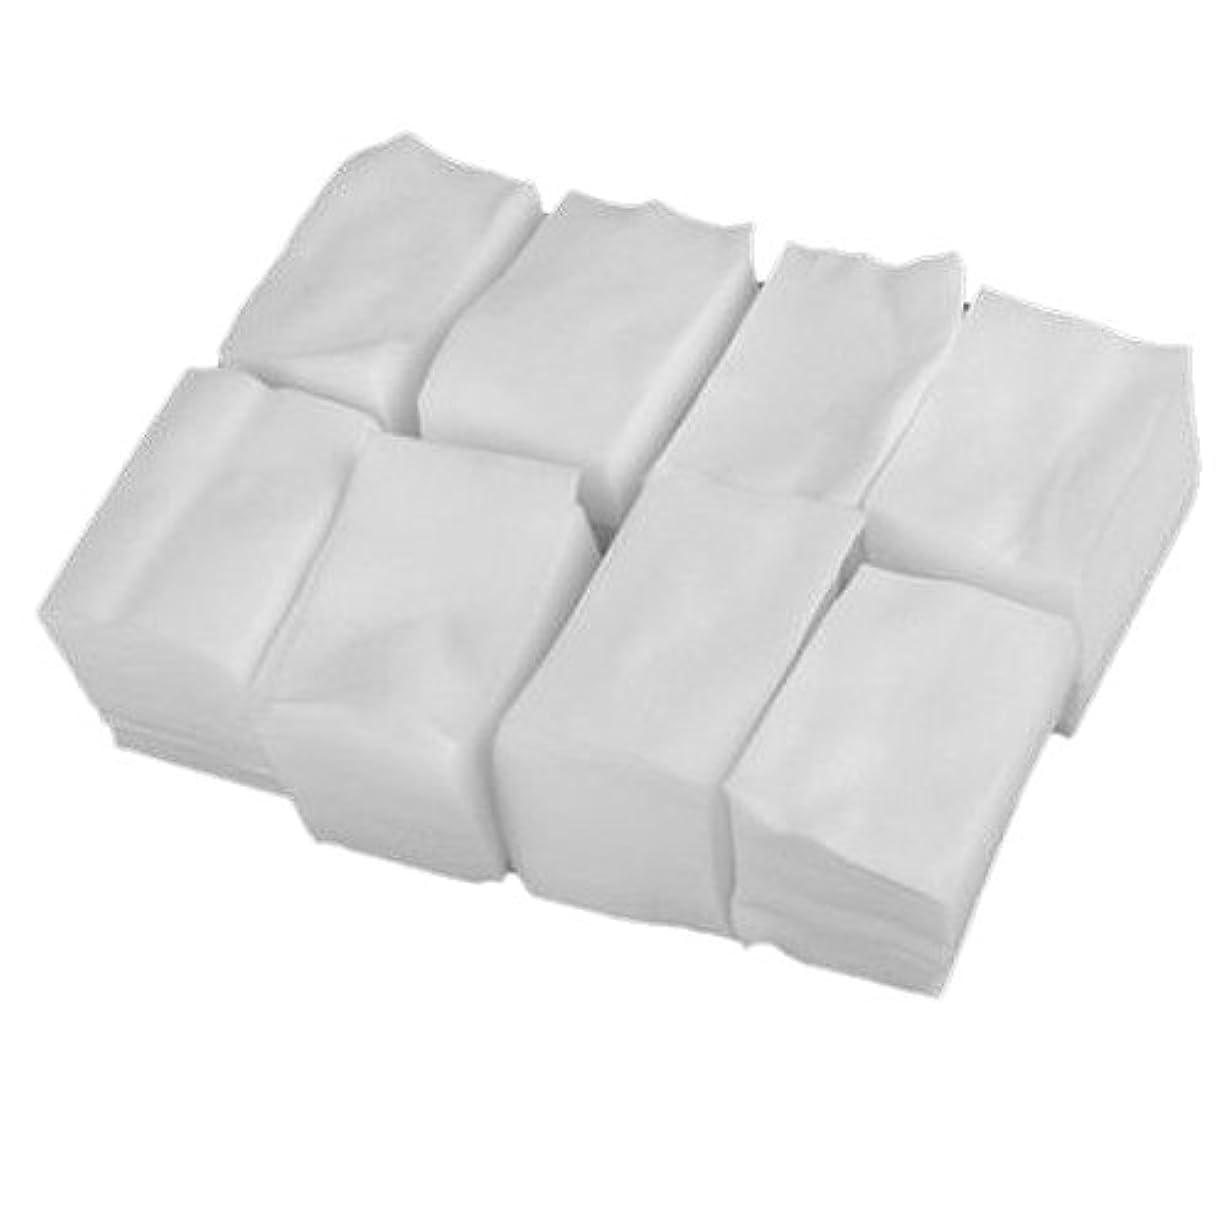 梨リンス謝るSODIAL 900x白いリントフリーネイルアート ワイプ紙パッド ゲルアクリルのヒント ポリッシュリムーバークリーナー(6cm x 5cm)